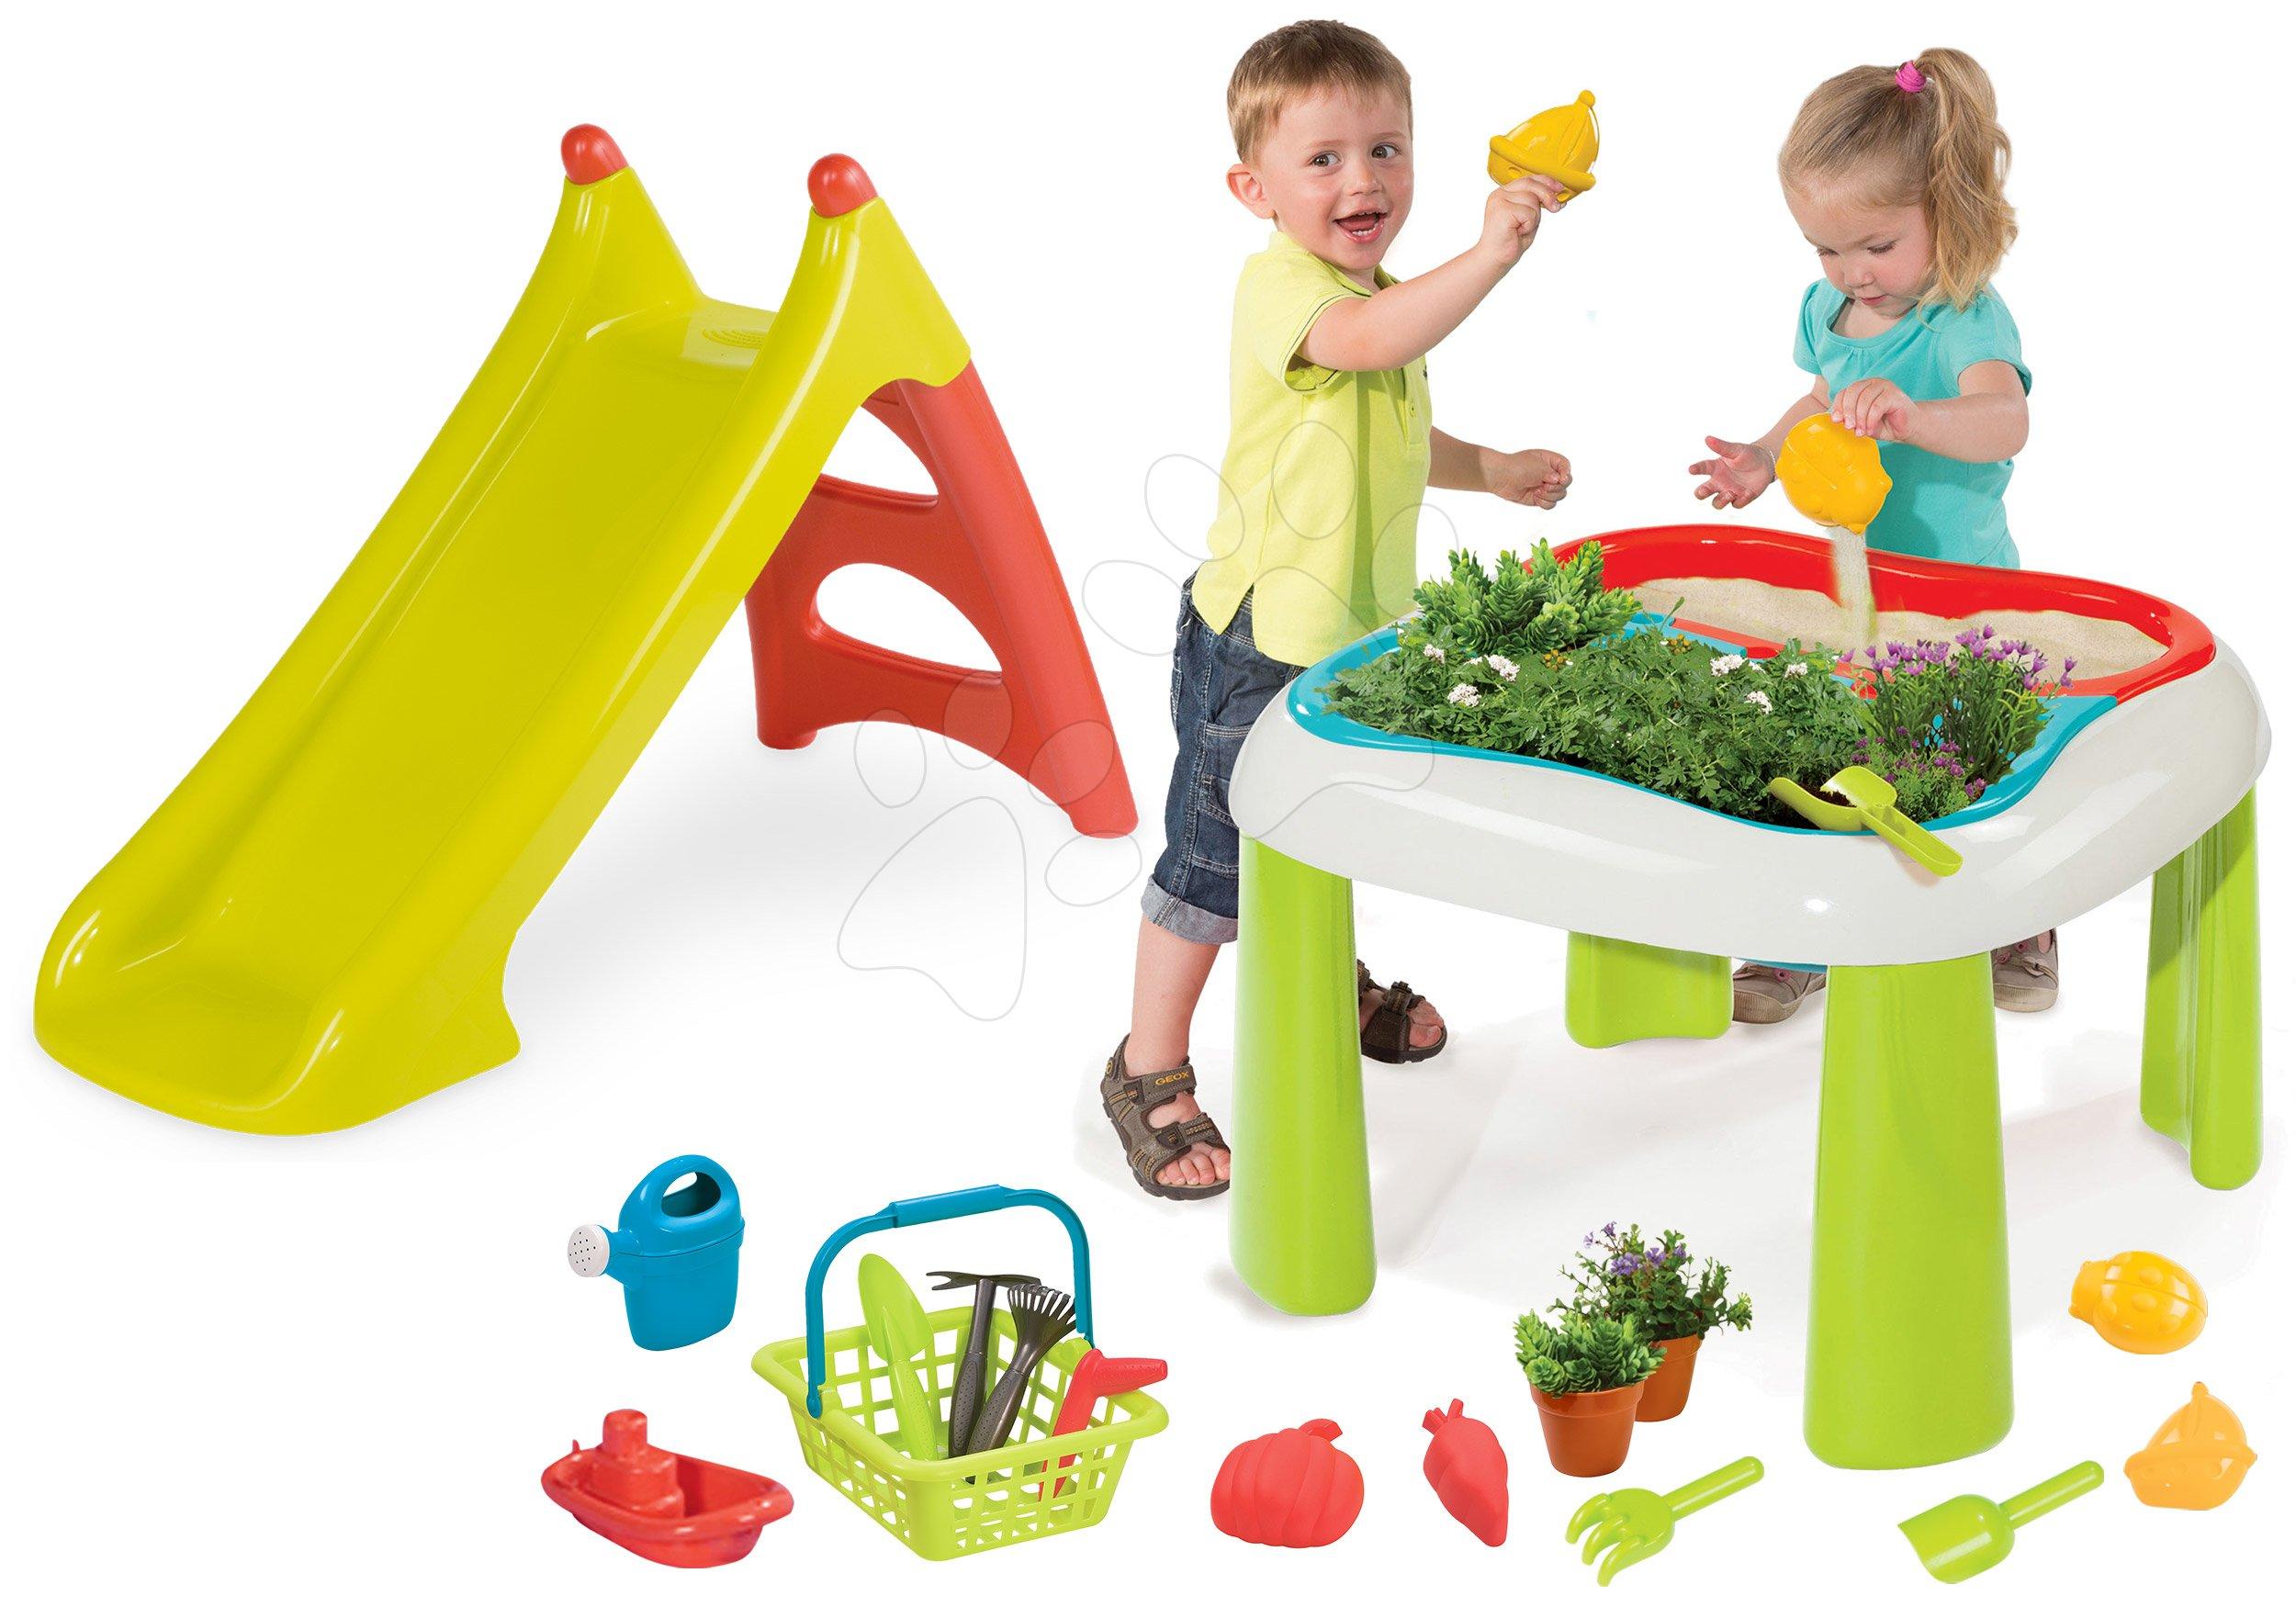 Set stůl Zahradník De Jardinage 2v1 Smoby dvoudílný se zahrádkou a skluzavka Toboggan XS s vodou délka 90 cm